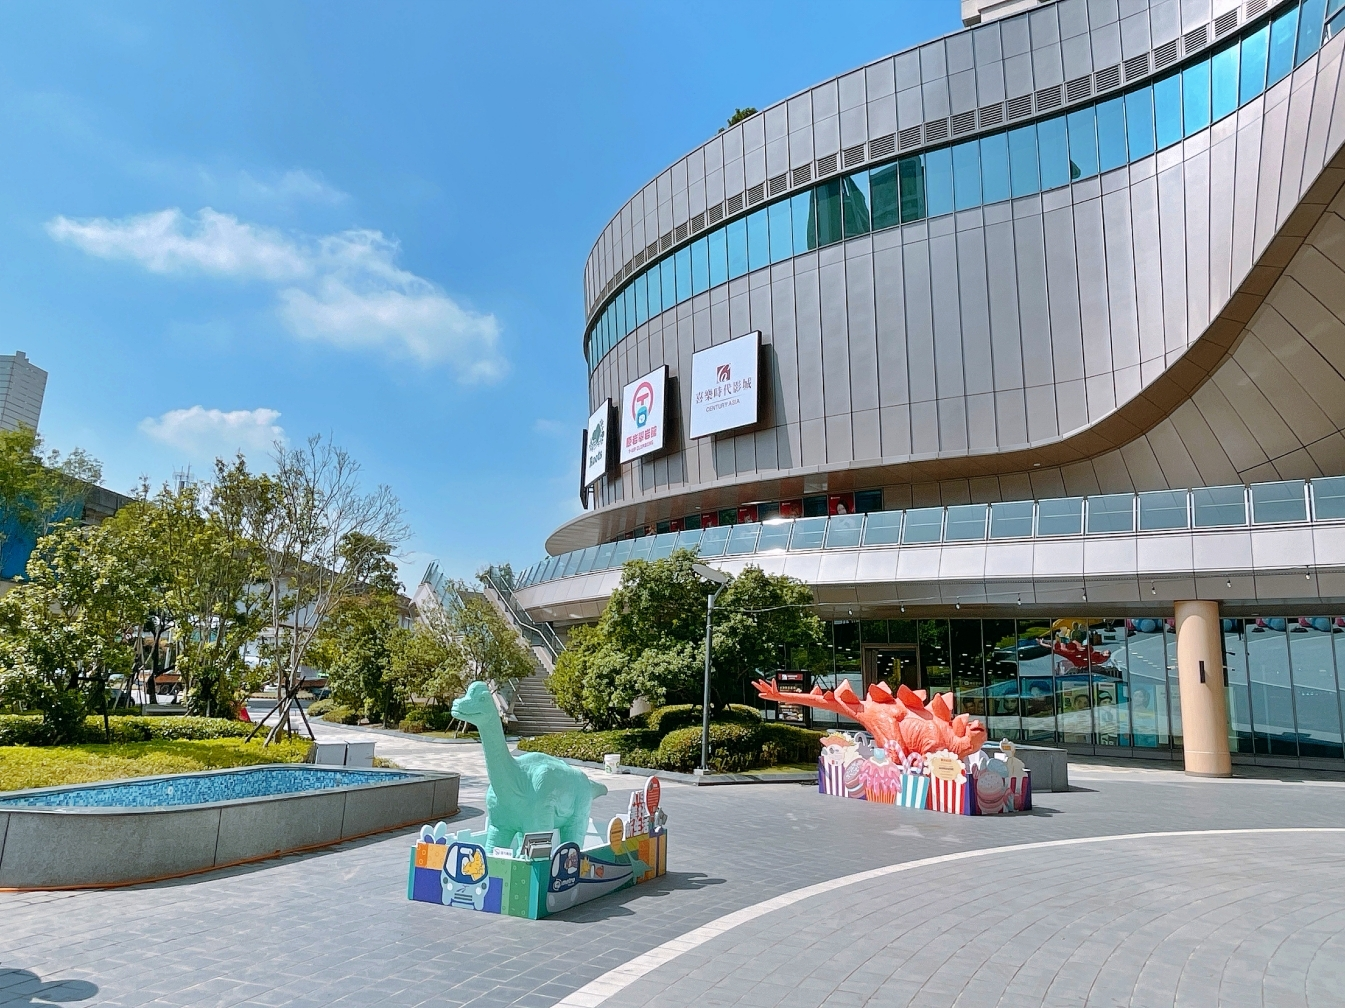 [青埔購物]Global Mall 環球桃園 A19 鄰近桃園棒球場~最新亮點三麗鷗玻璃屋、百貨最大攀岩館(實拍搶先看) @VIVIYU小世界